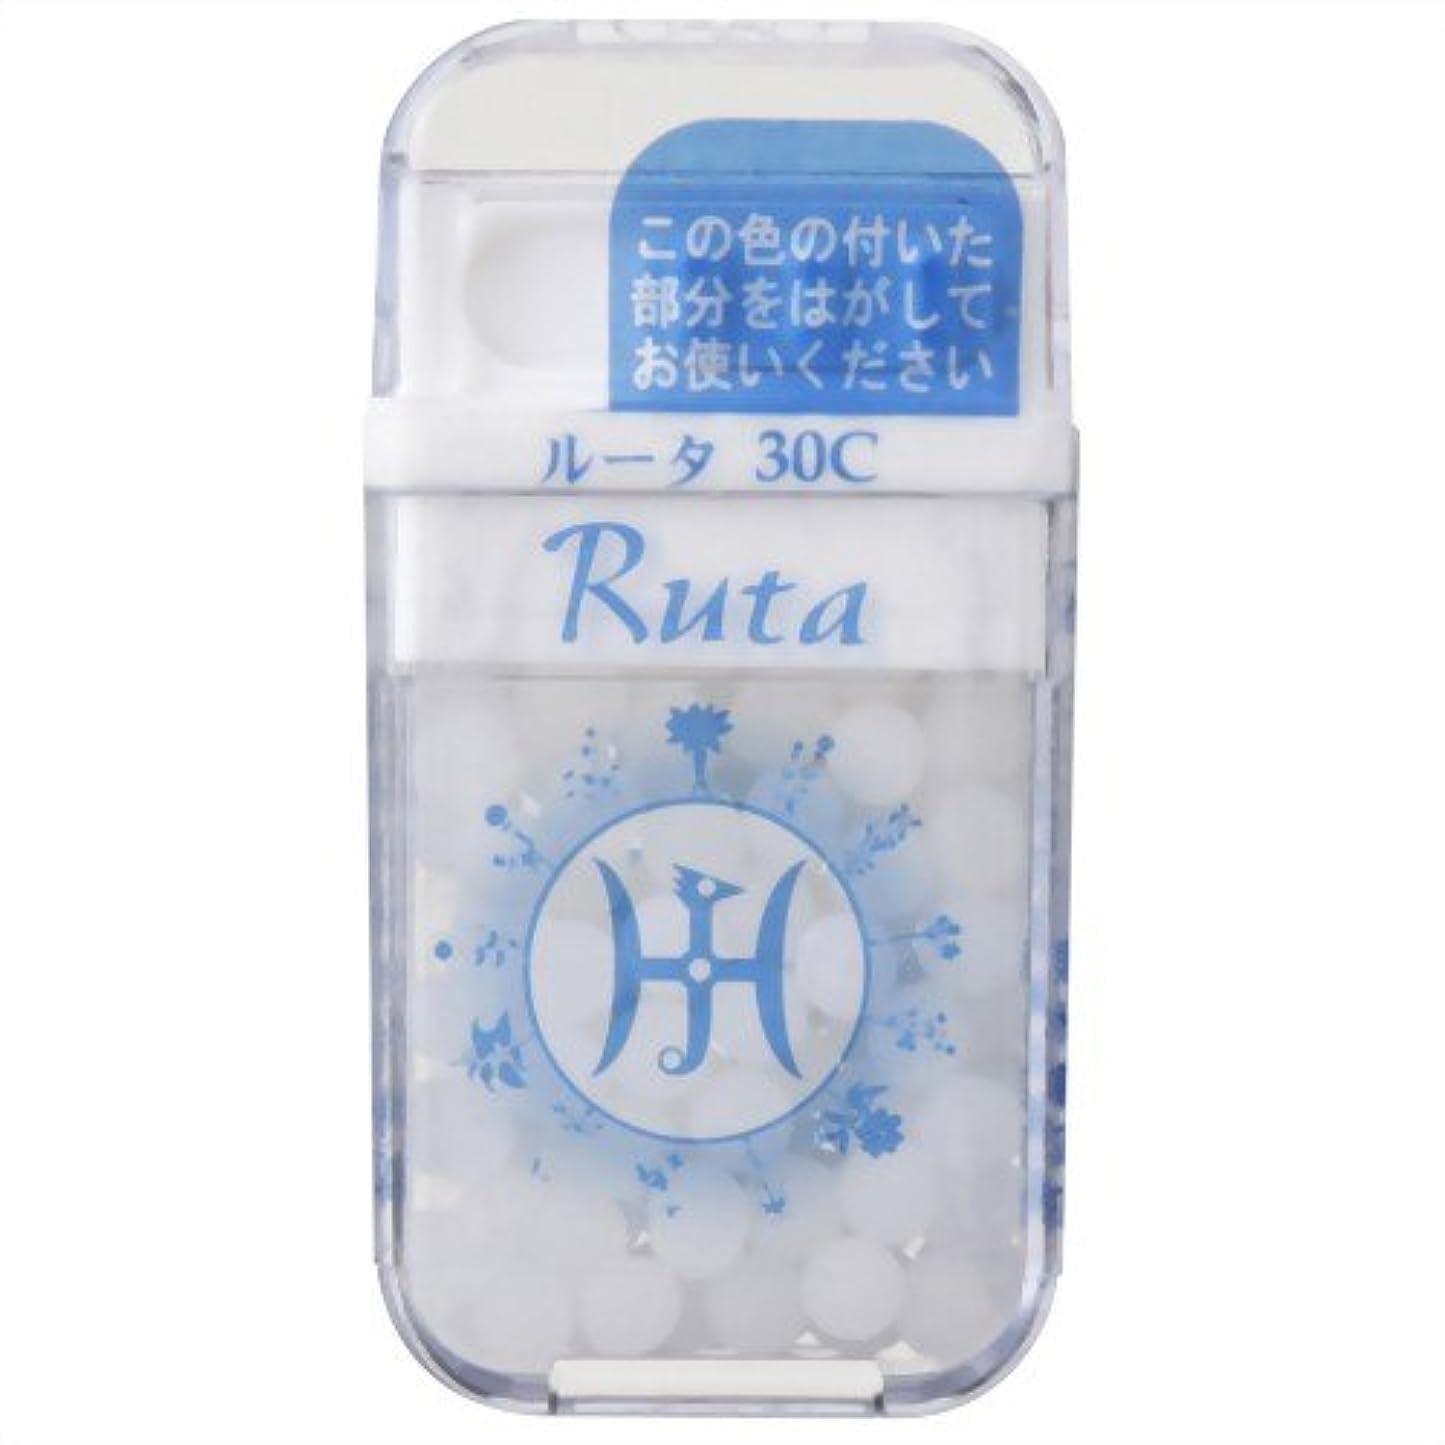 金銭的ゴミ箱を空にする代数的ホメオパシージャパンレメディー Ruta  ルータ 30C (大ビン)